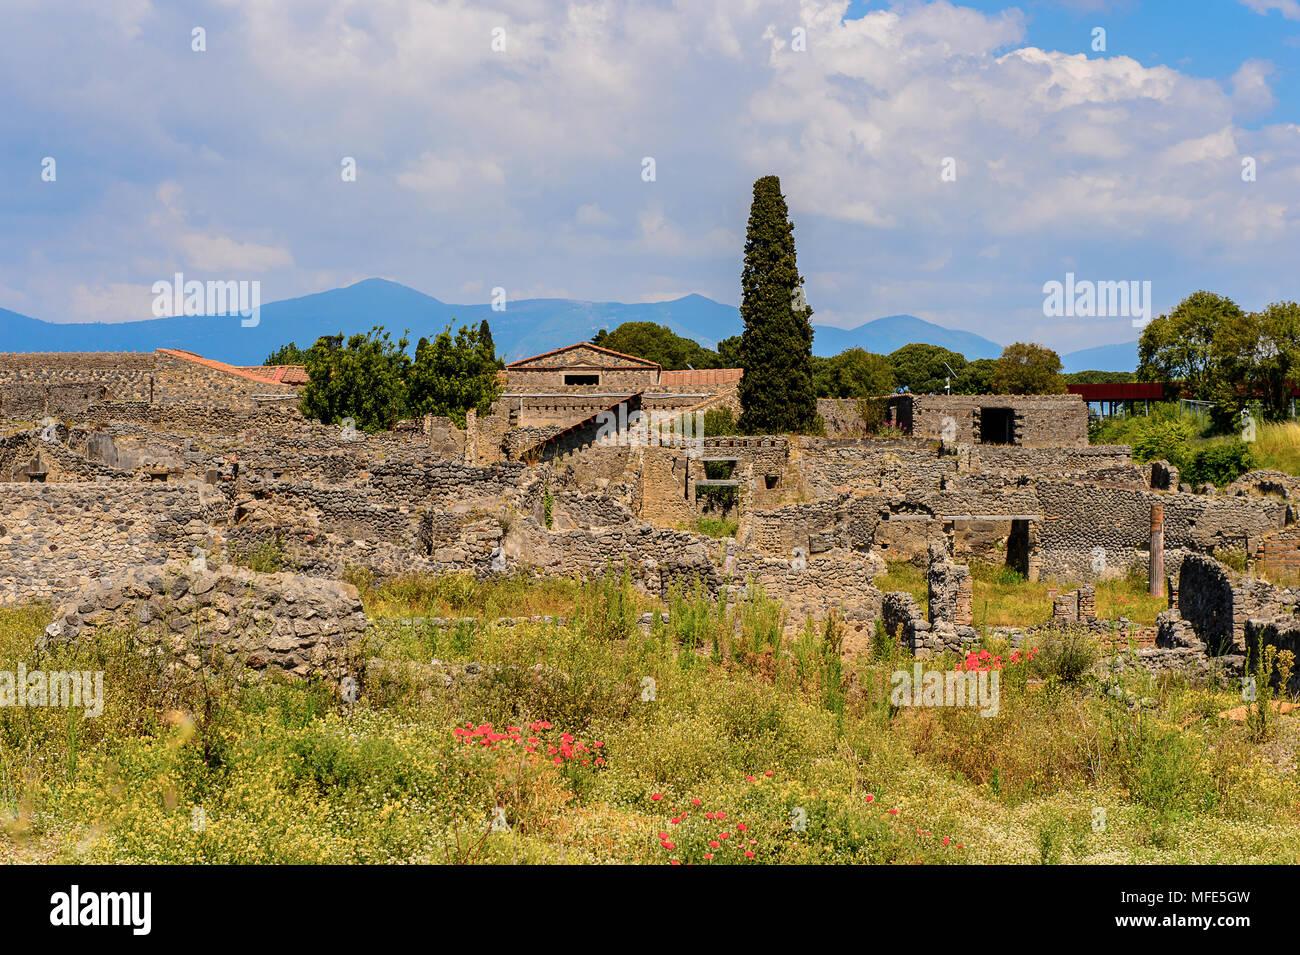 Destruida la arquitectura de Pompeya, una antigua ciudad romana destruida por el volcán Vesubio. Sitio de Patrimonio Mundial de la UNESCO Imagen De Stock